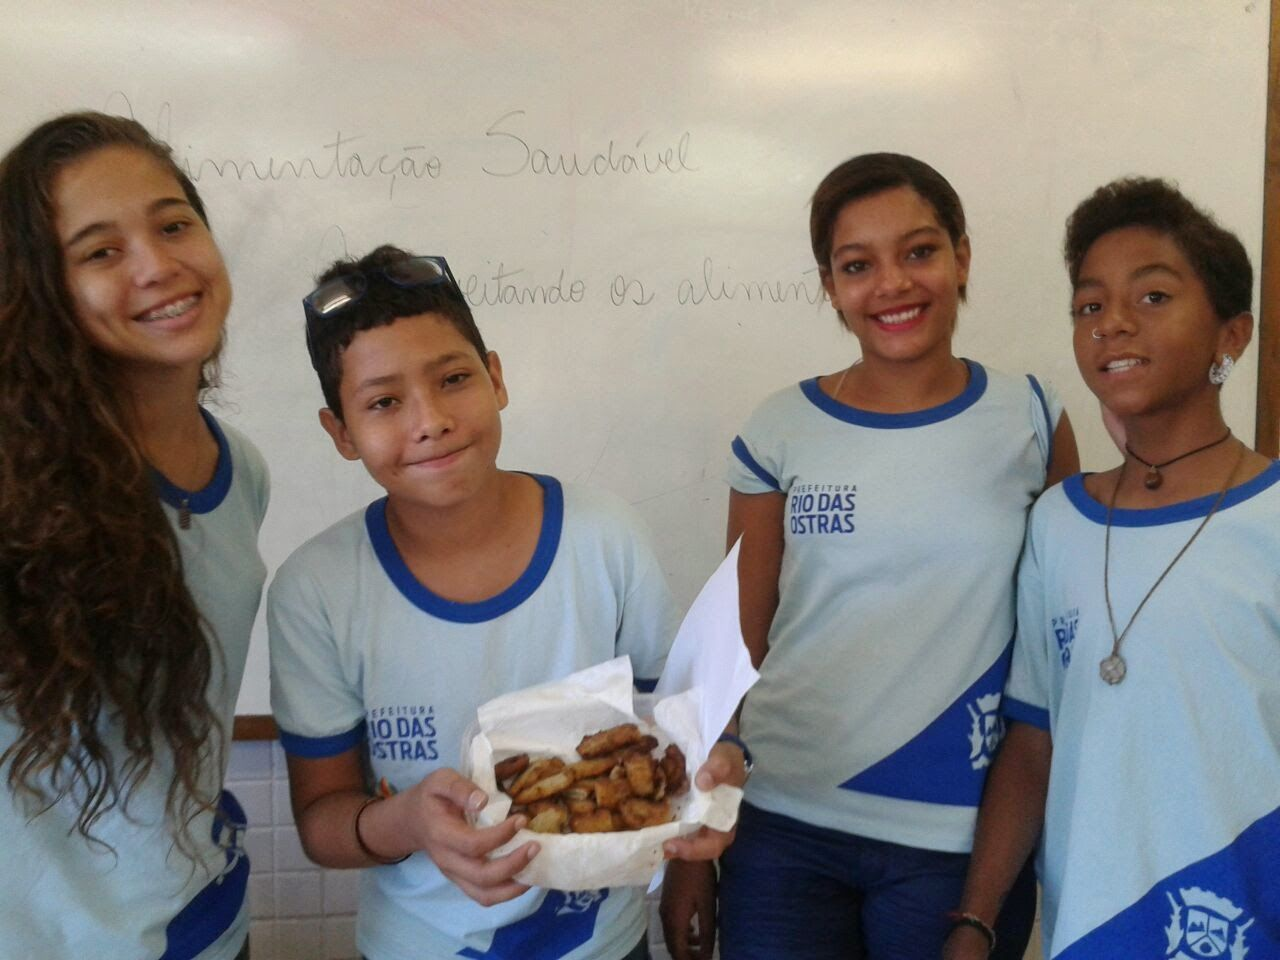 Blog do Inayá: Professora Natália Coqueiro trabalha alimentação saudável com alunos do Inayá